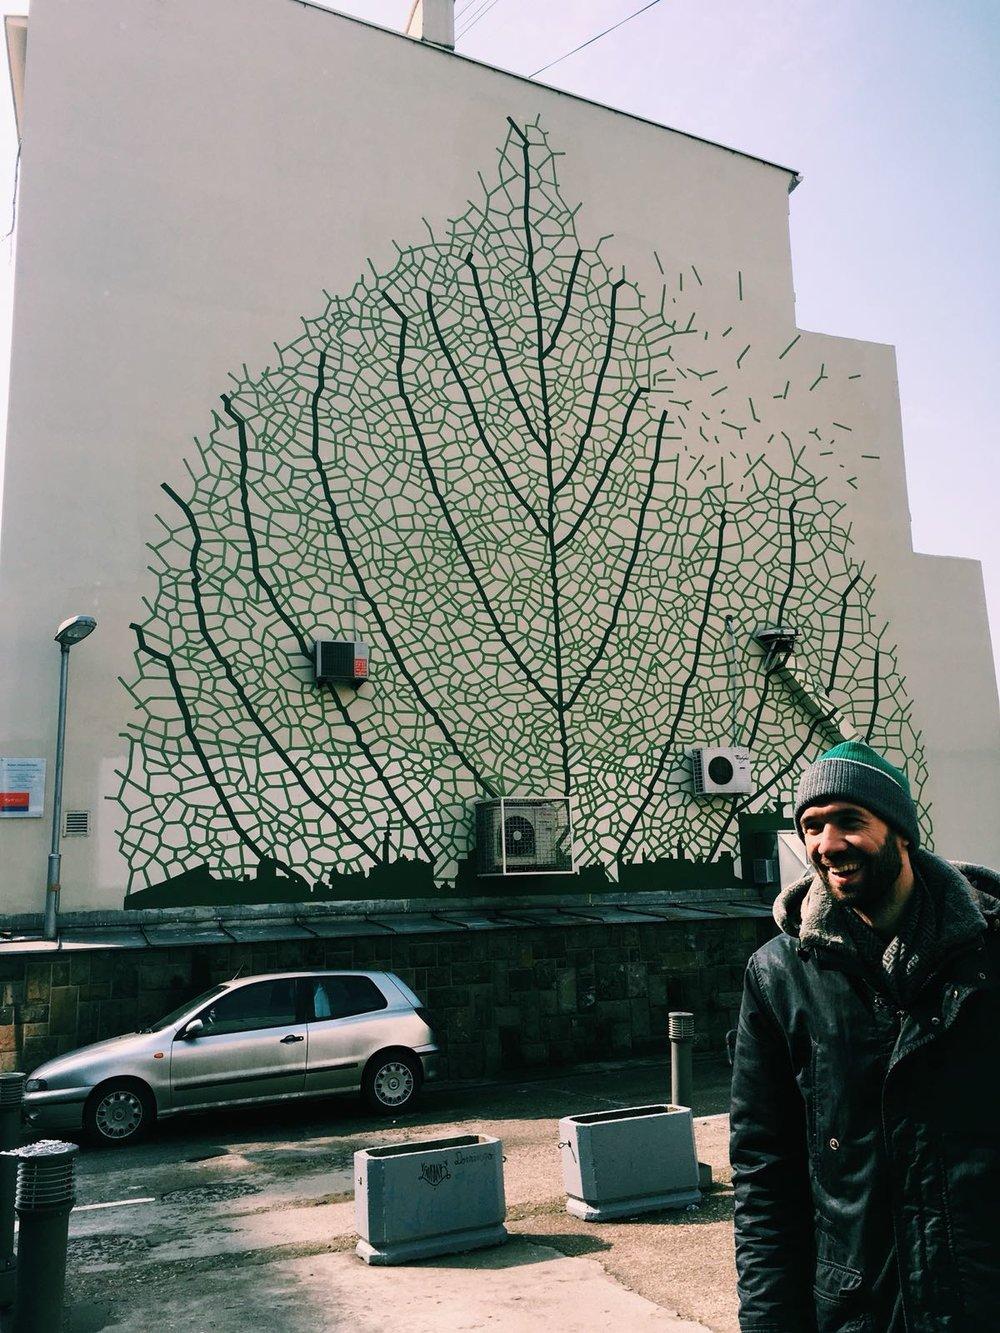 Street art continues to amaze in Belgrade